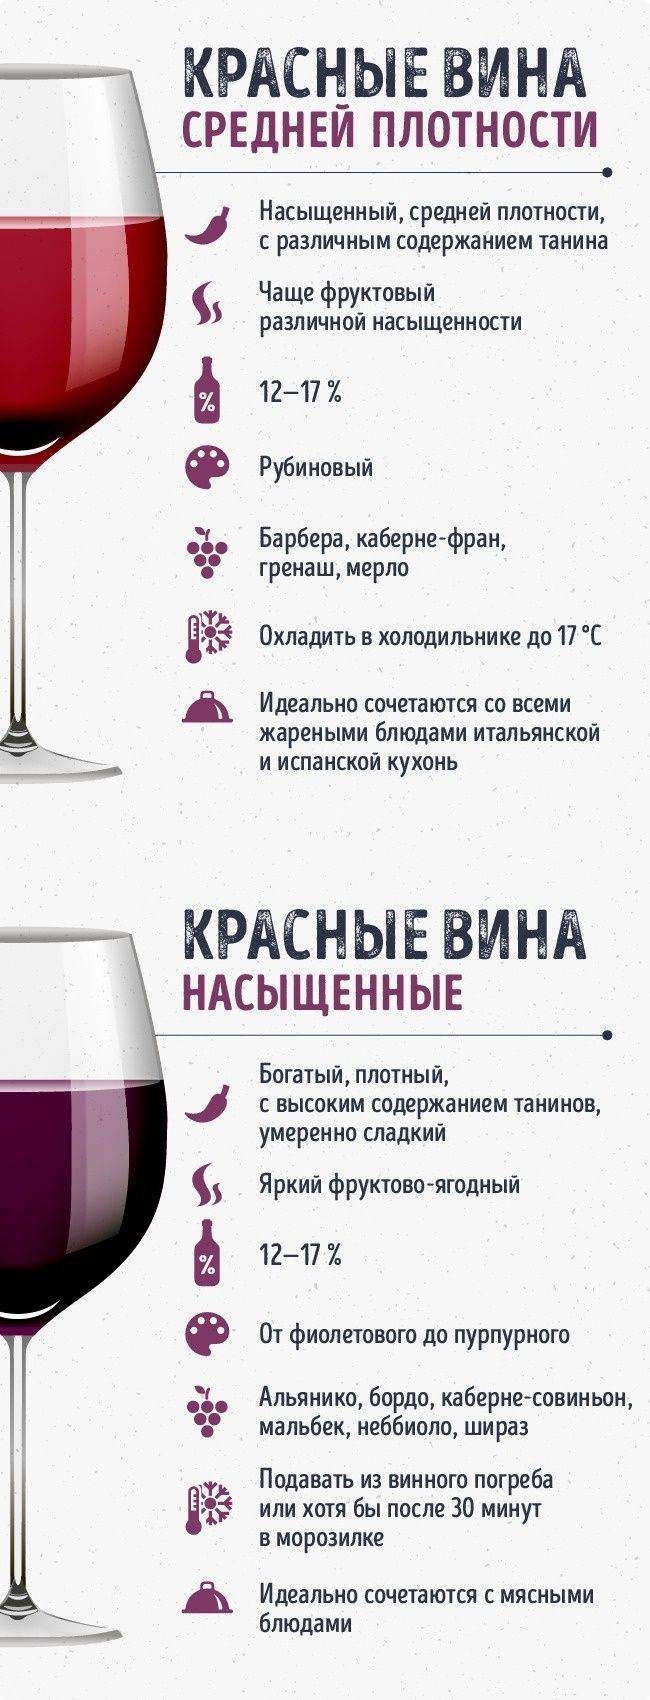 Лучшие вина - рейтинг марок, производителей - какие самые качественные - топ самых вкусных напитков и списки на наливай-ка!